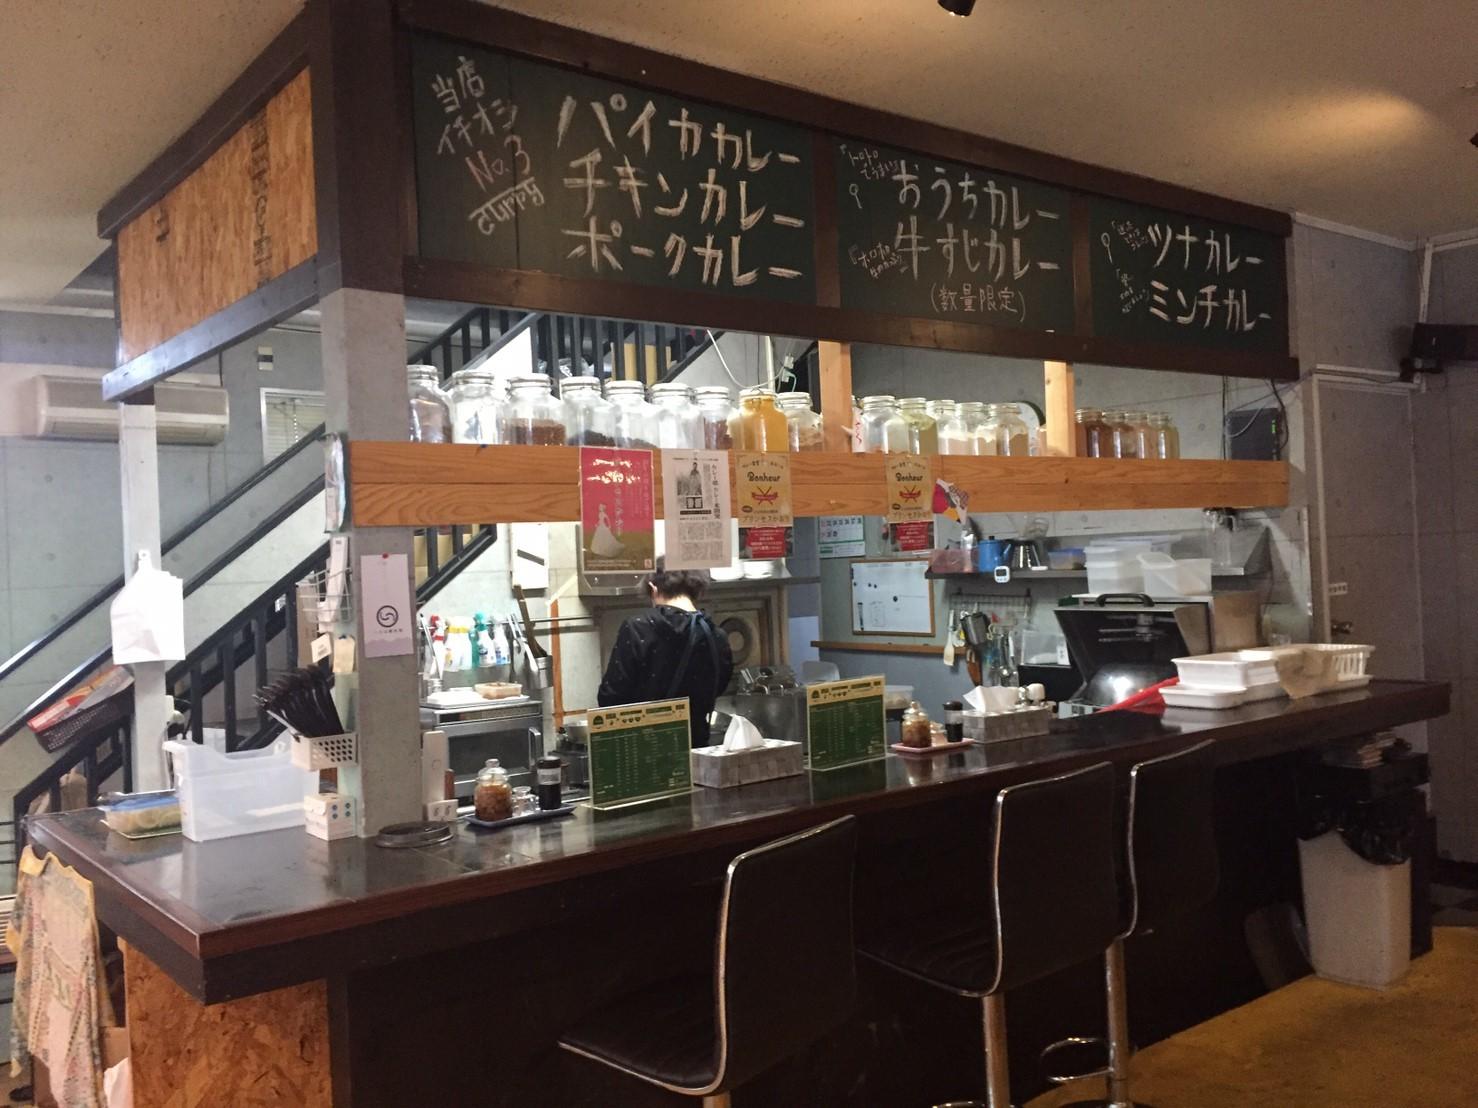 カレー食堂 ボヌール   おうちカレー_e0115904_04351153.jpg